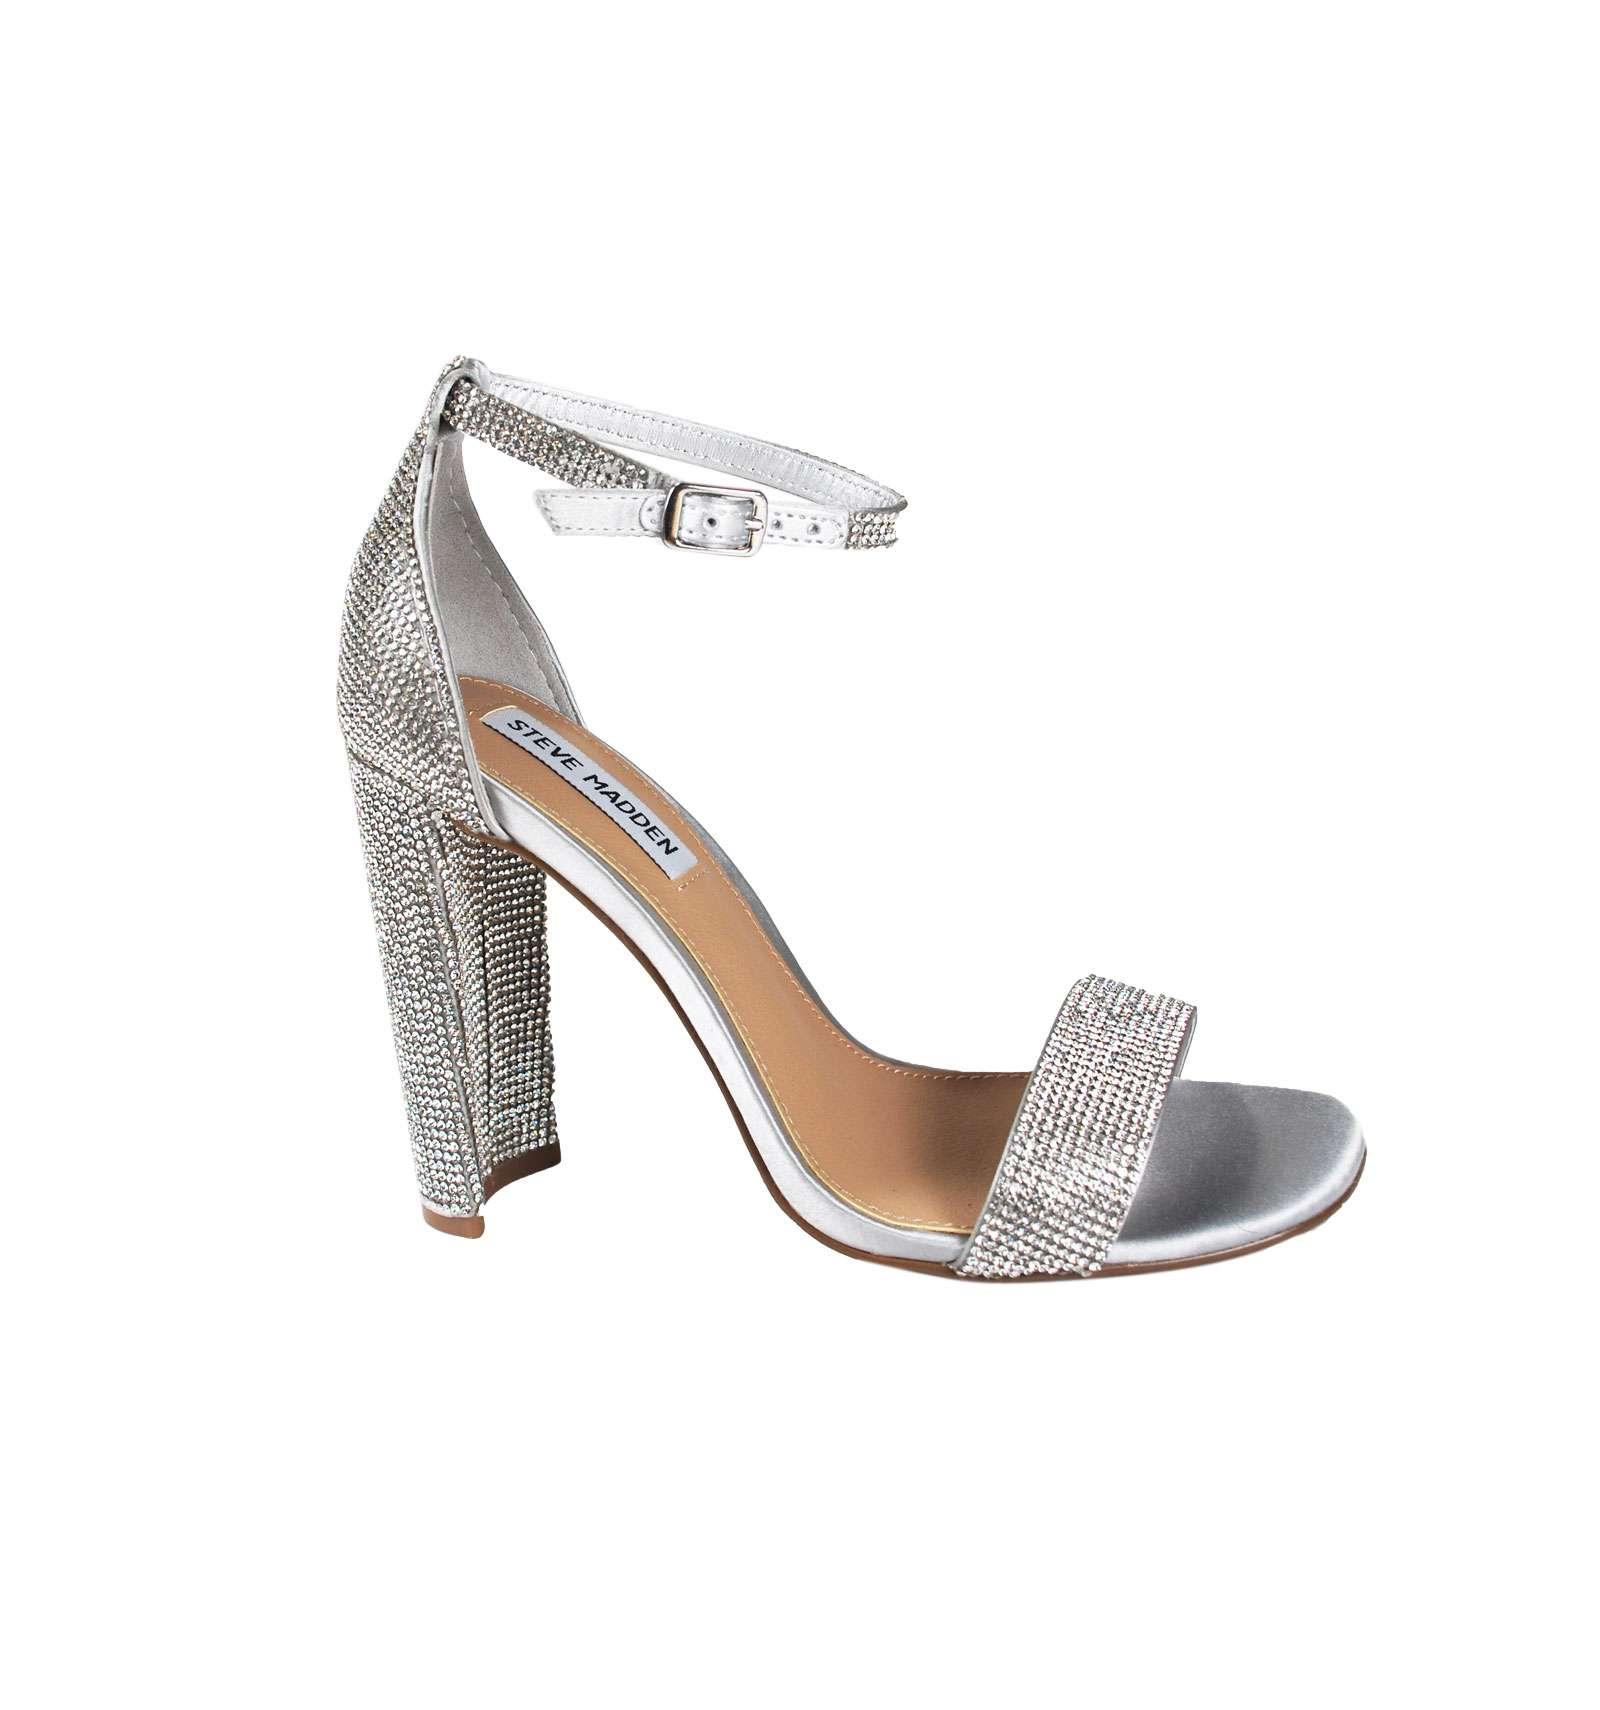 Sandalo STEVE MADDEN - Nino Armenise - Calzature e3b0dc73fa4